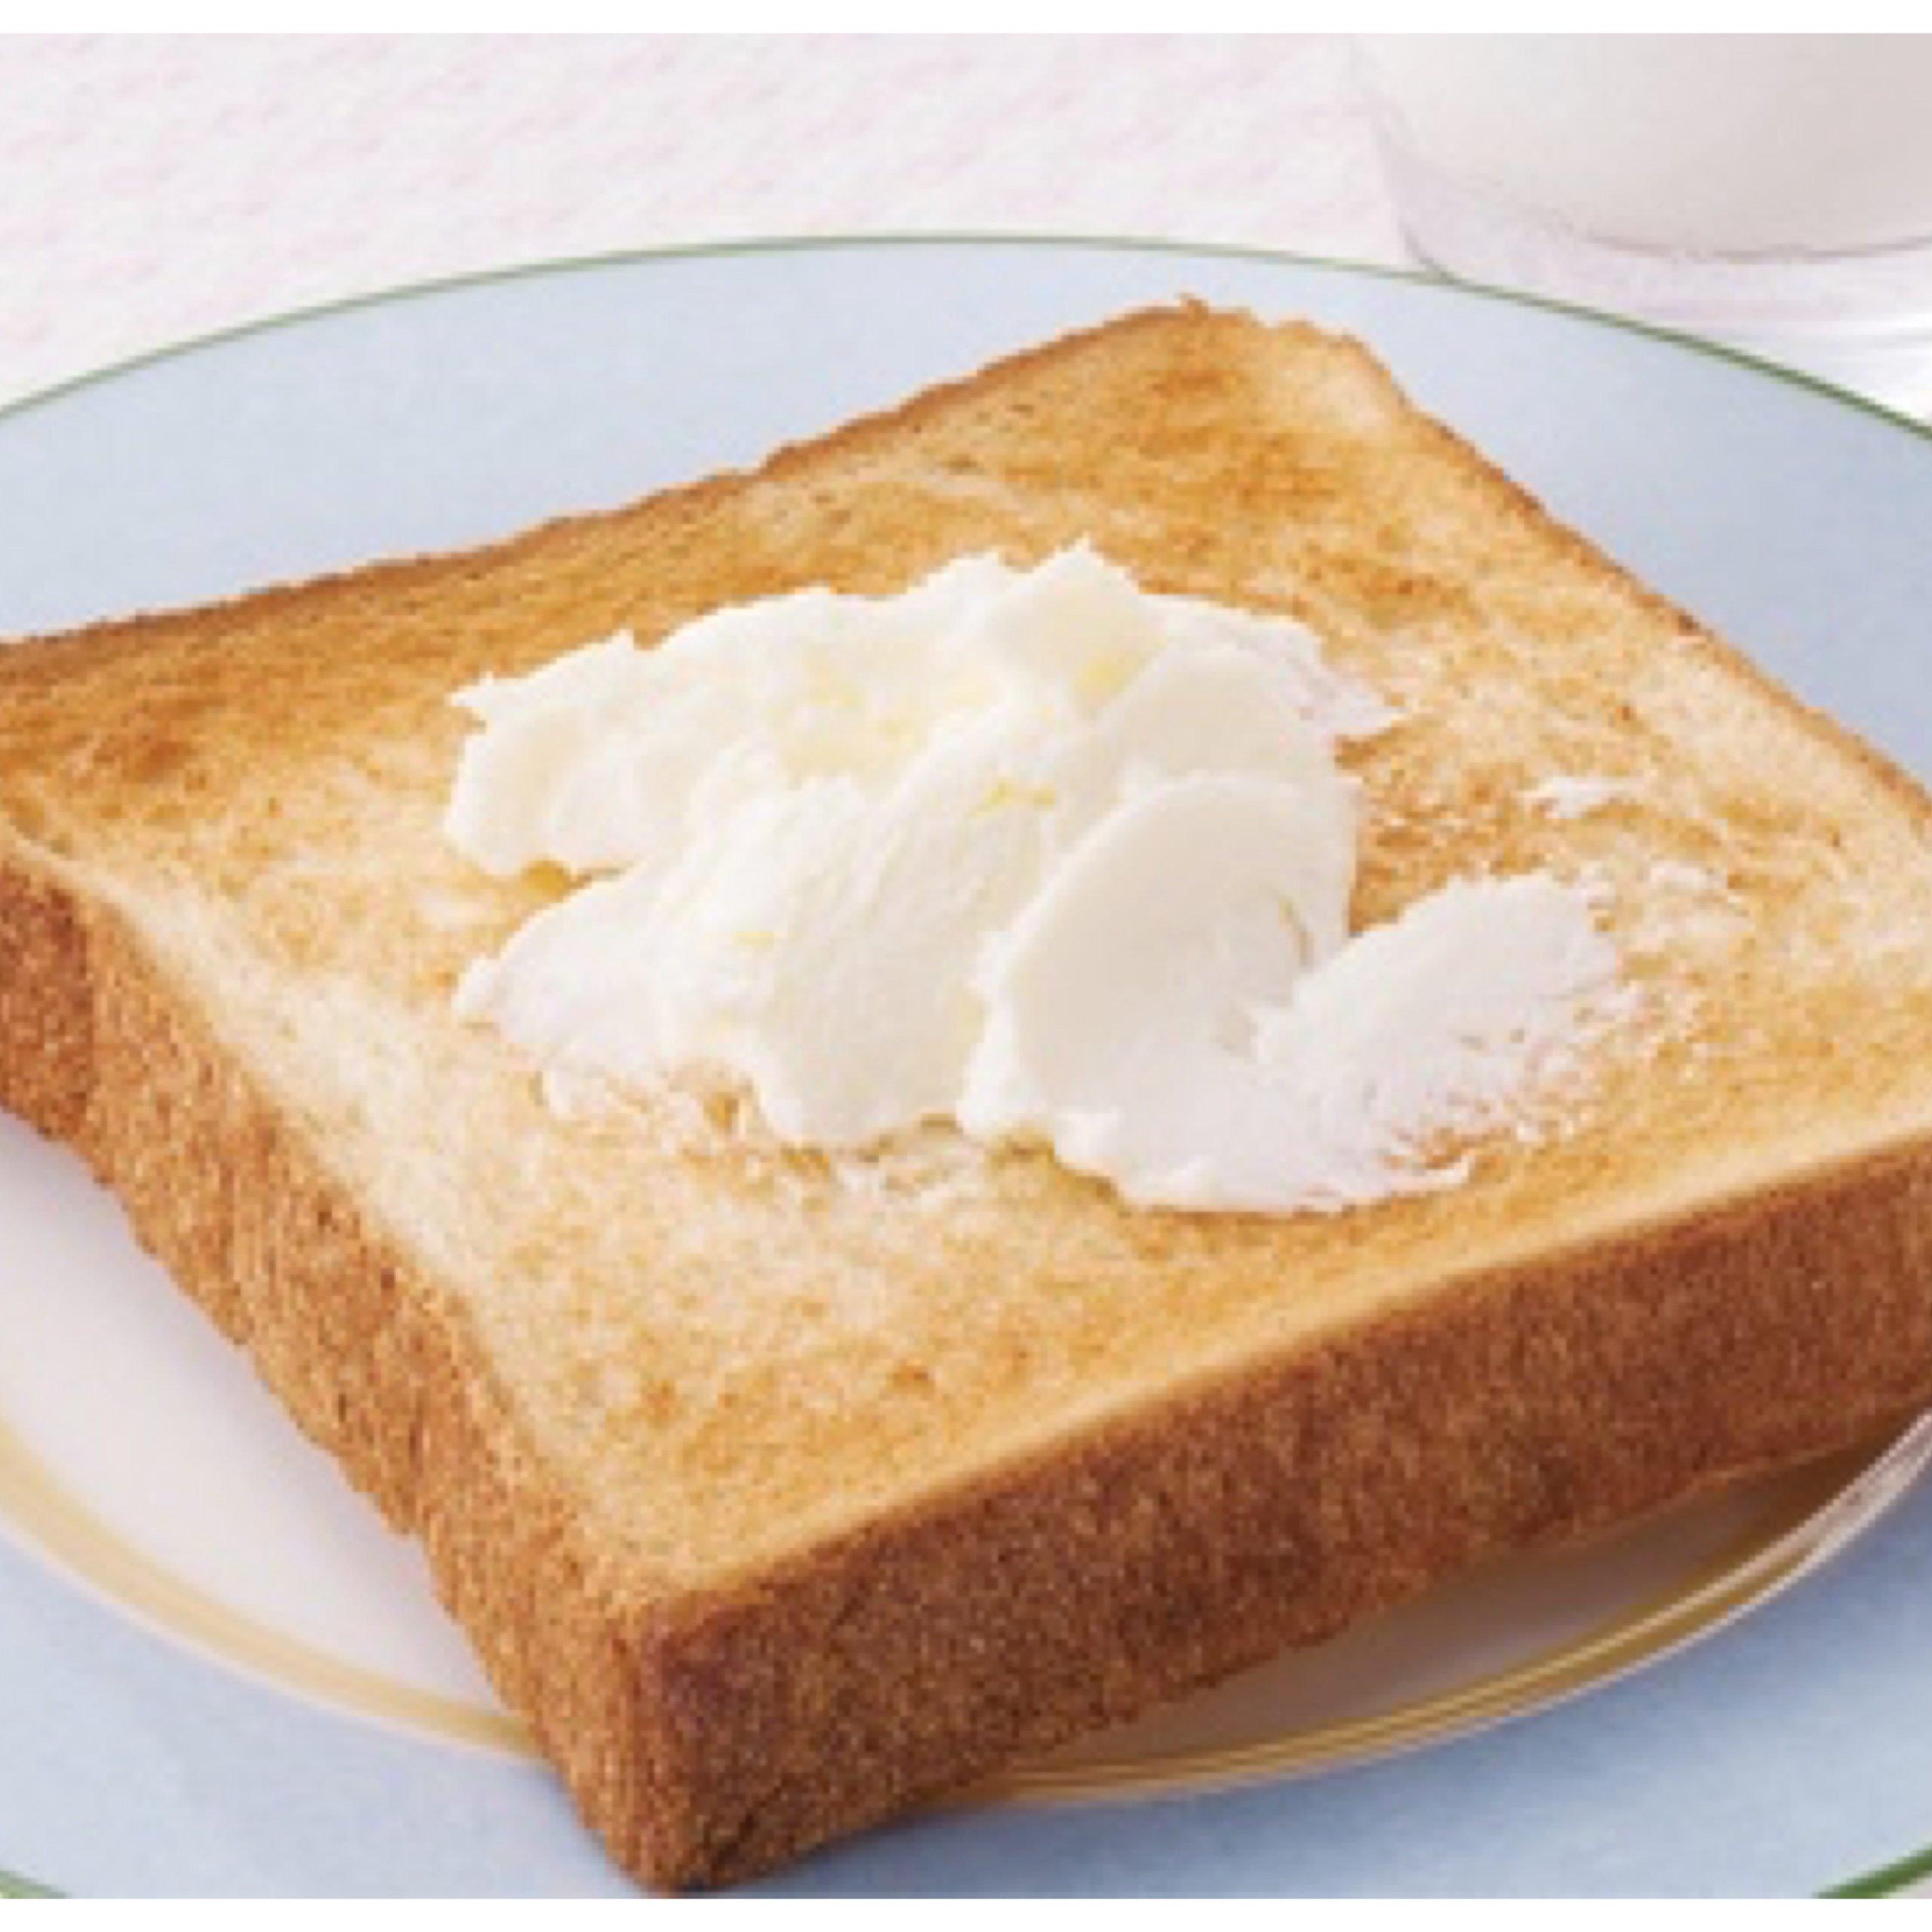 バターなのにあっさり!生活クラブの生乳でつくったバター